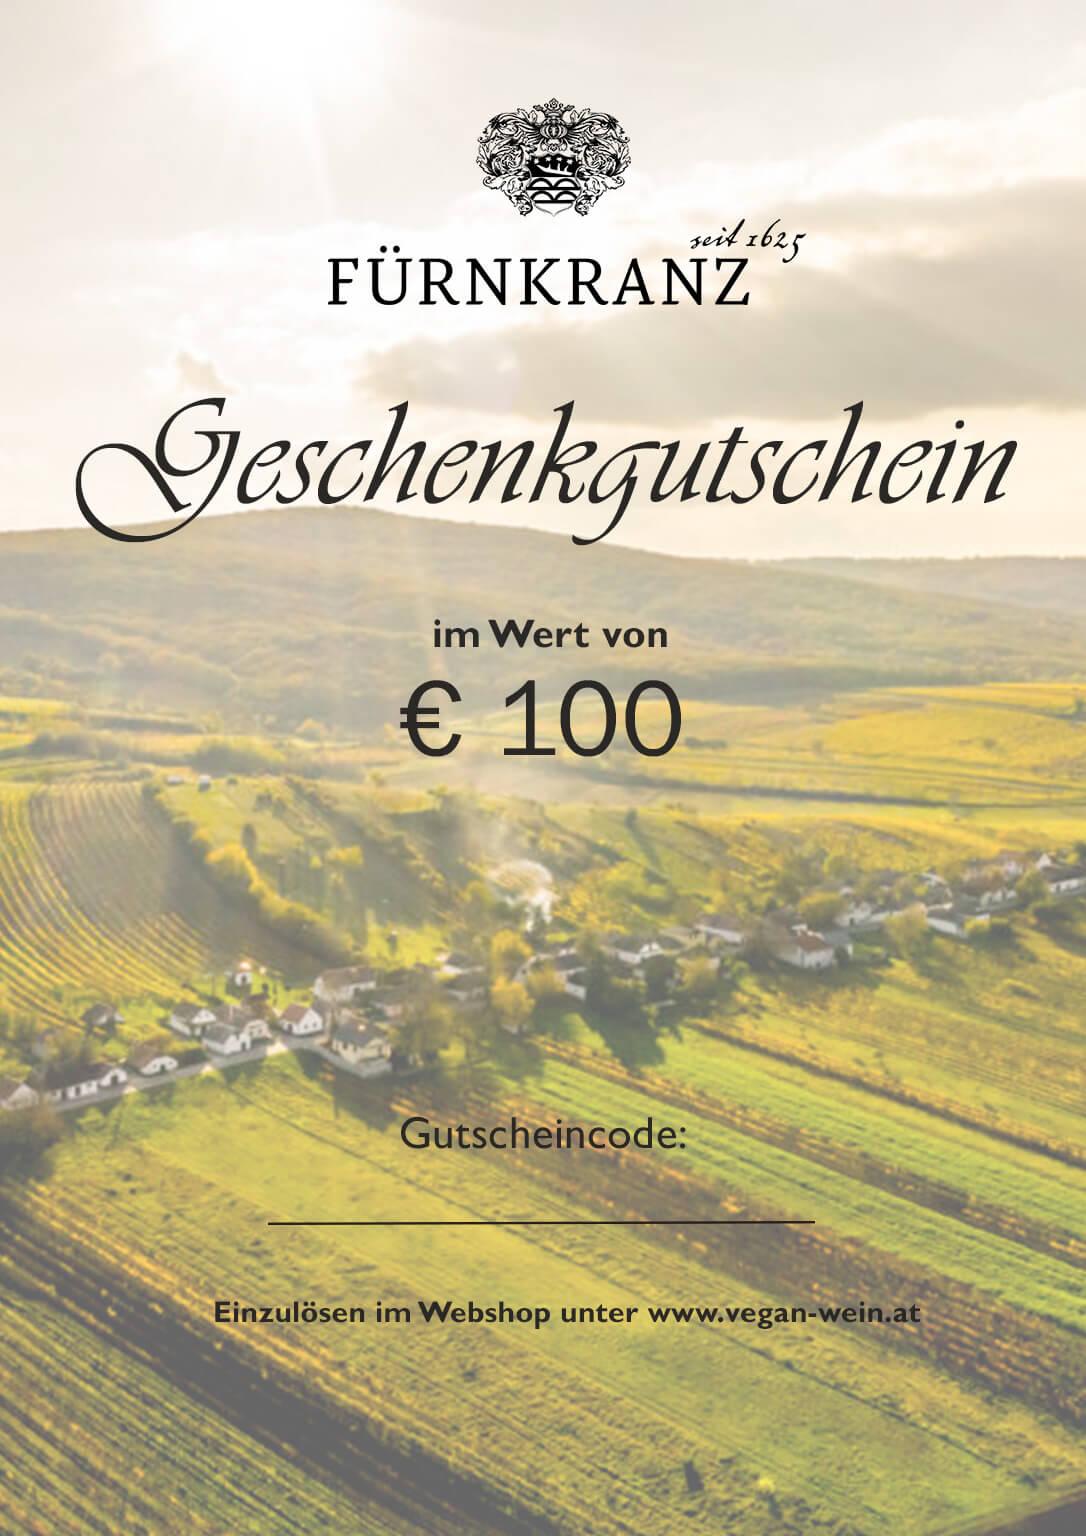 Geschenkgutschein Weingut Fürnkranz - €100